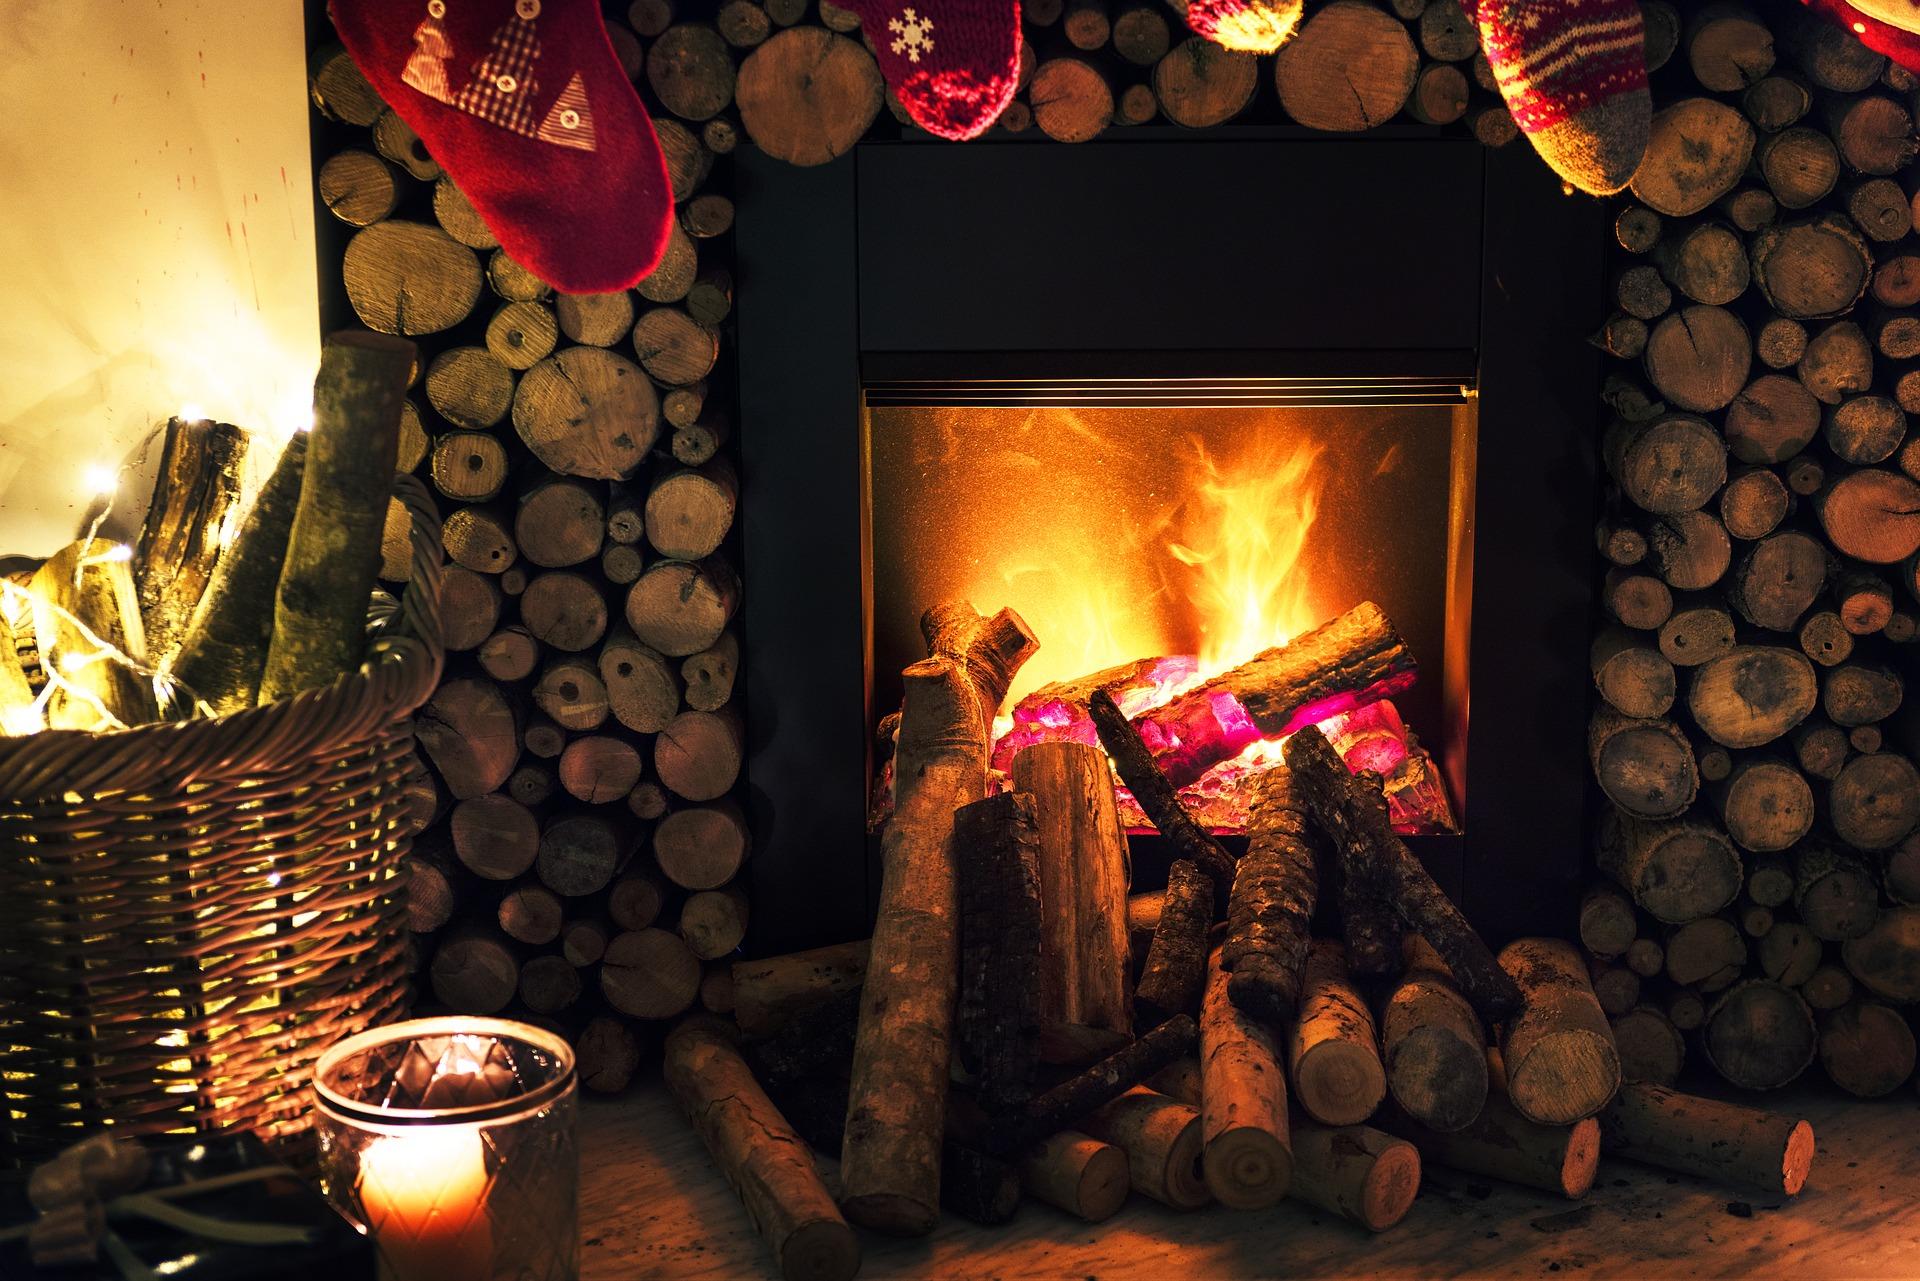 Comment occuper son temps pendant les vacances d'hiver ?